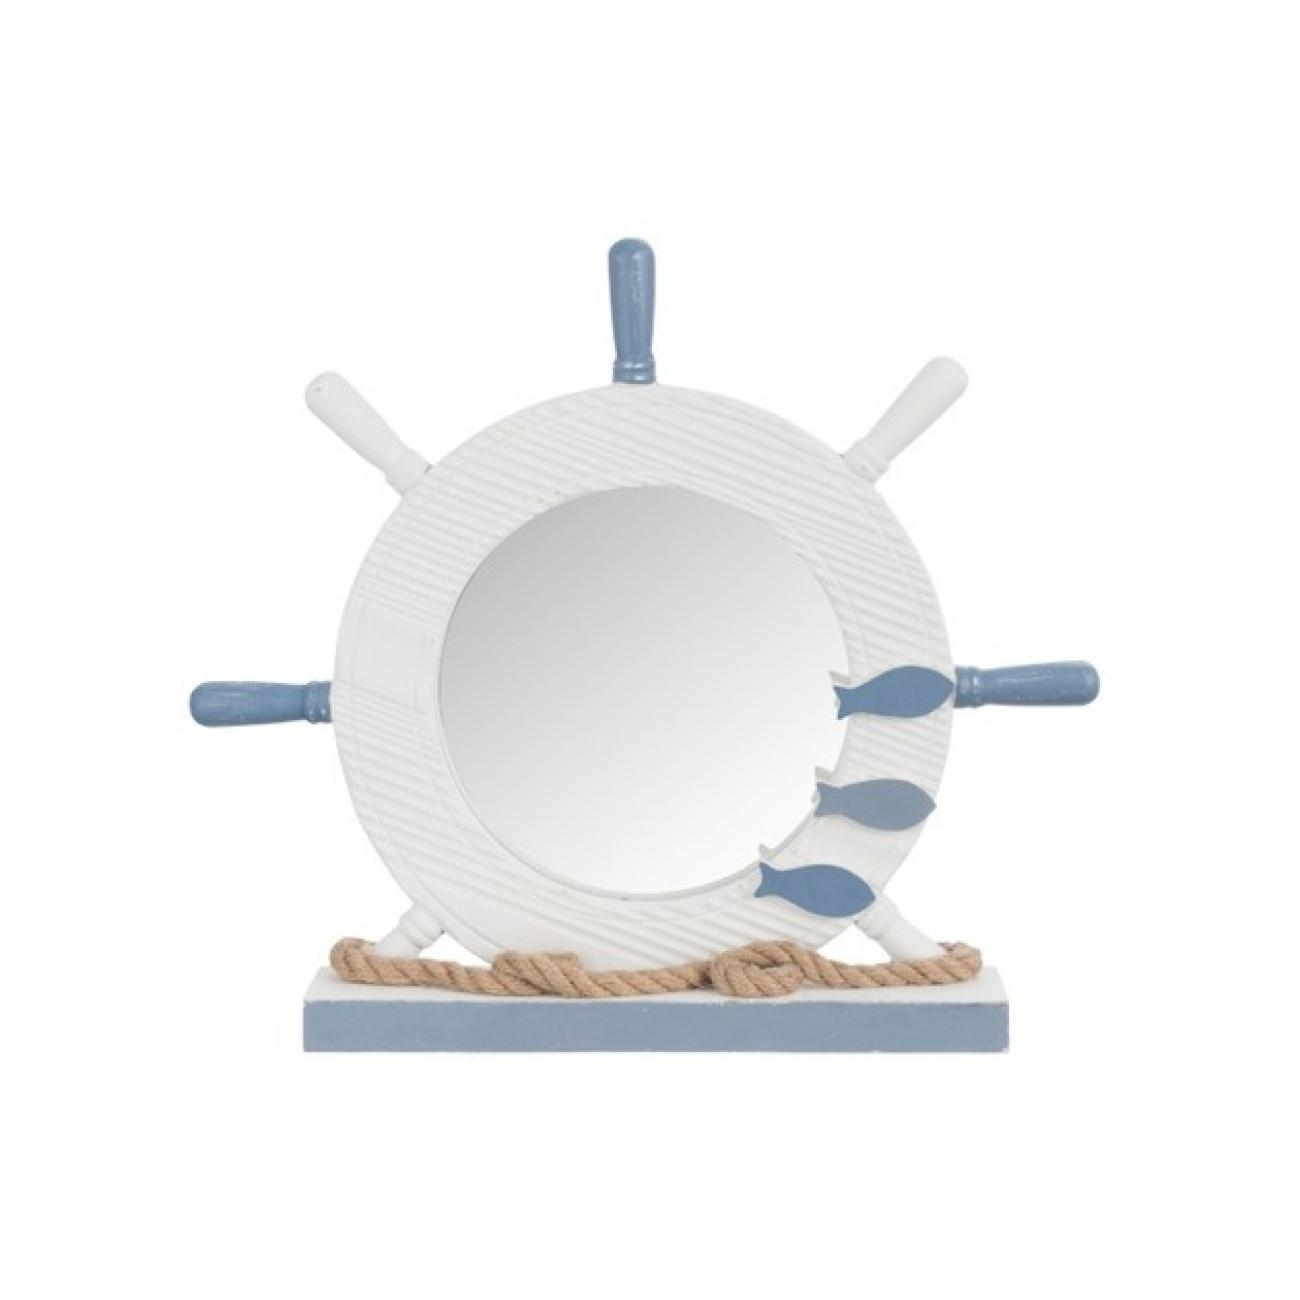 Зеркало J-LINE настольное фигурное в деревянной раме в виде корабельного штурвала с декоративными элементными в морской тематике 42х37 см Бельгия